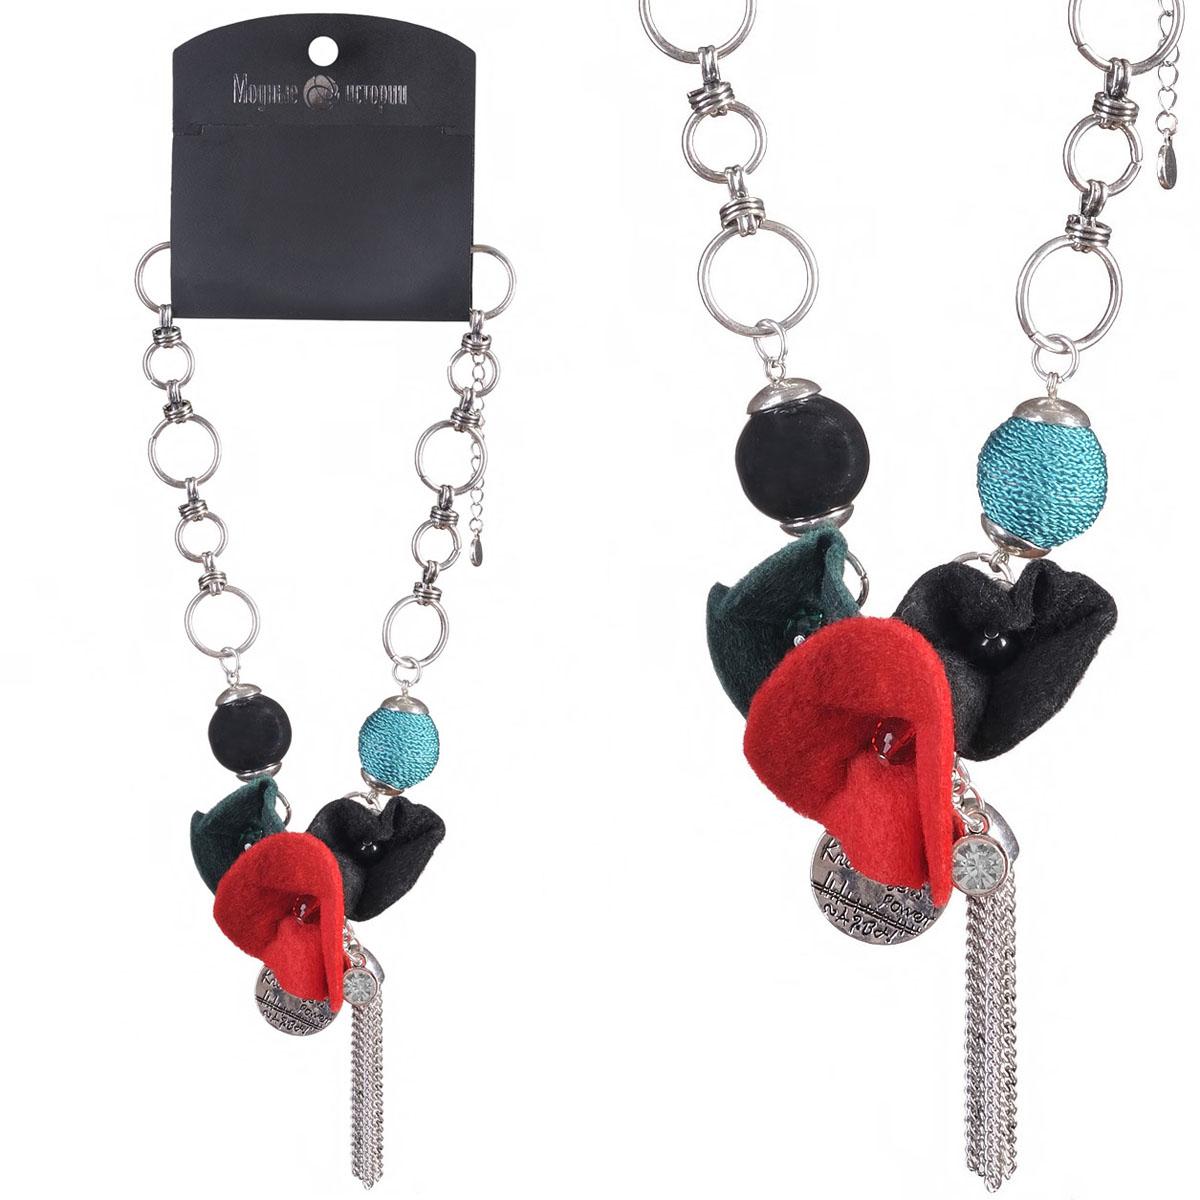 Ожерелье Модные истории, цвет: красный, зеленый, черный, серебряный. 12/051912/0519Прелестное ожерелье Модные истории изготовлено из металла и состоит из звеньев различных форм и размеров. Модель дополнена декоративными цветами из текстиля, посередине украшенными бусинами, двумя крупными бусинами из пластика (одна оформлена плетеной текстильной нитью) и тремя подвесками. Одна подвеска имеет круглую форму и декорирована стразом, вторая - форму медальона, украшена гравированным узором и надписями, третья исполнена в форме кисточки с тонкими металлическими цепочками. Ожерелье застегивается на замок-карабин. Длина изделия регулируется. Эффектное ожерелье поможет вам создать уникальный и запоминающийся образ и позволит выделиться среди окружающих.